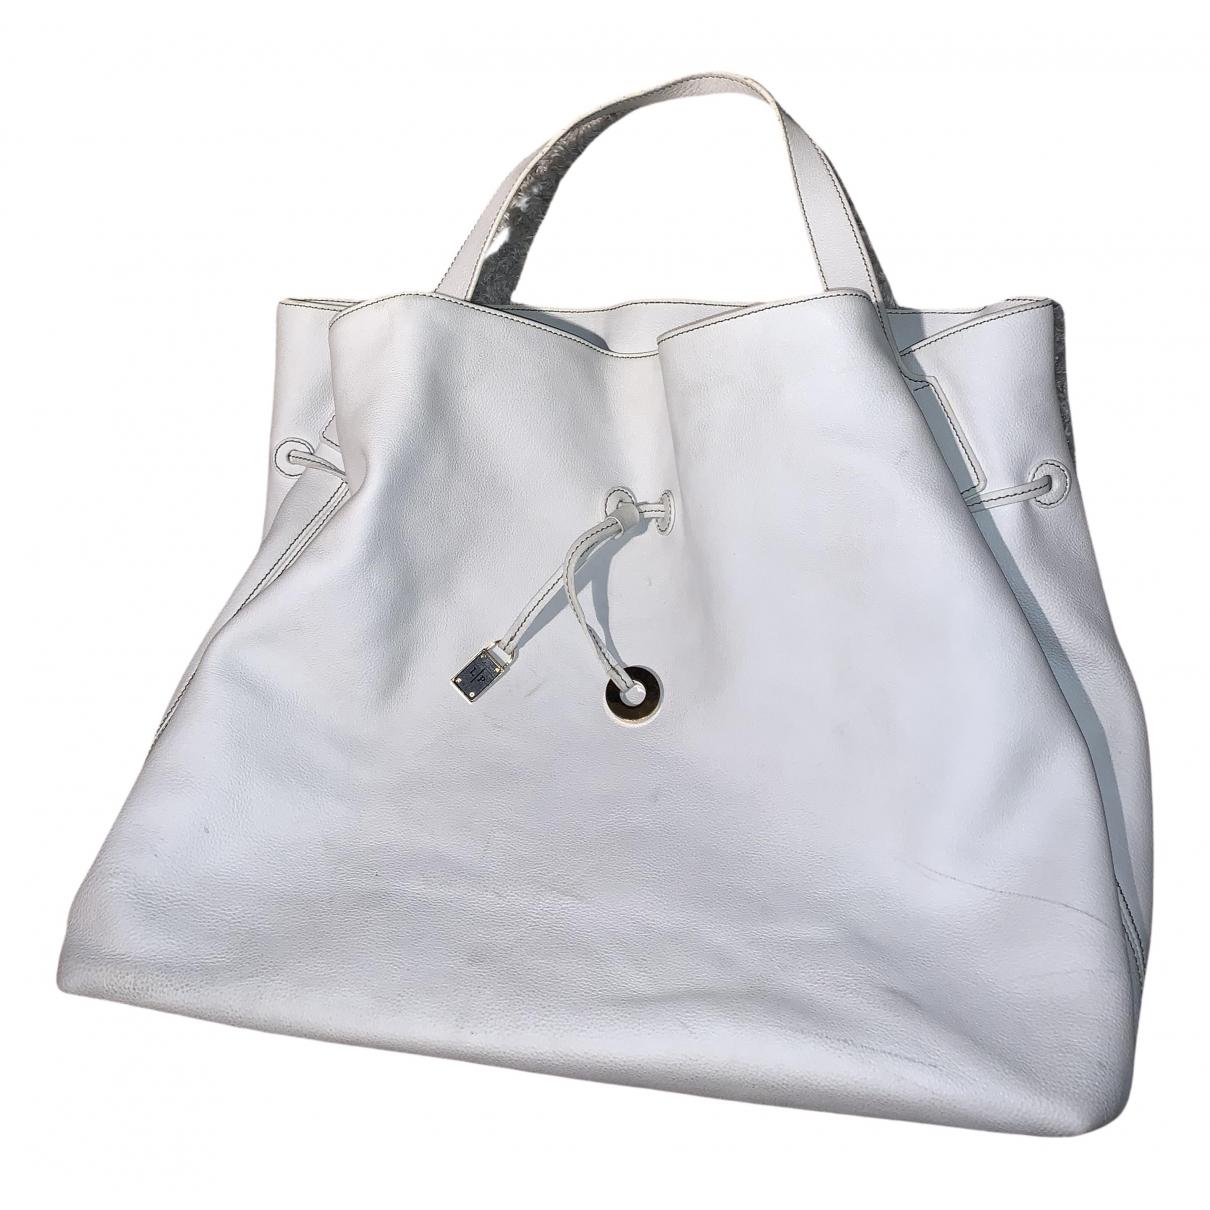 Loro Piana - Sac a main   pour femme en cuir - blanc